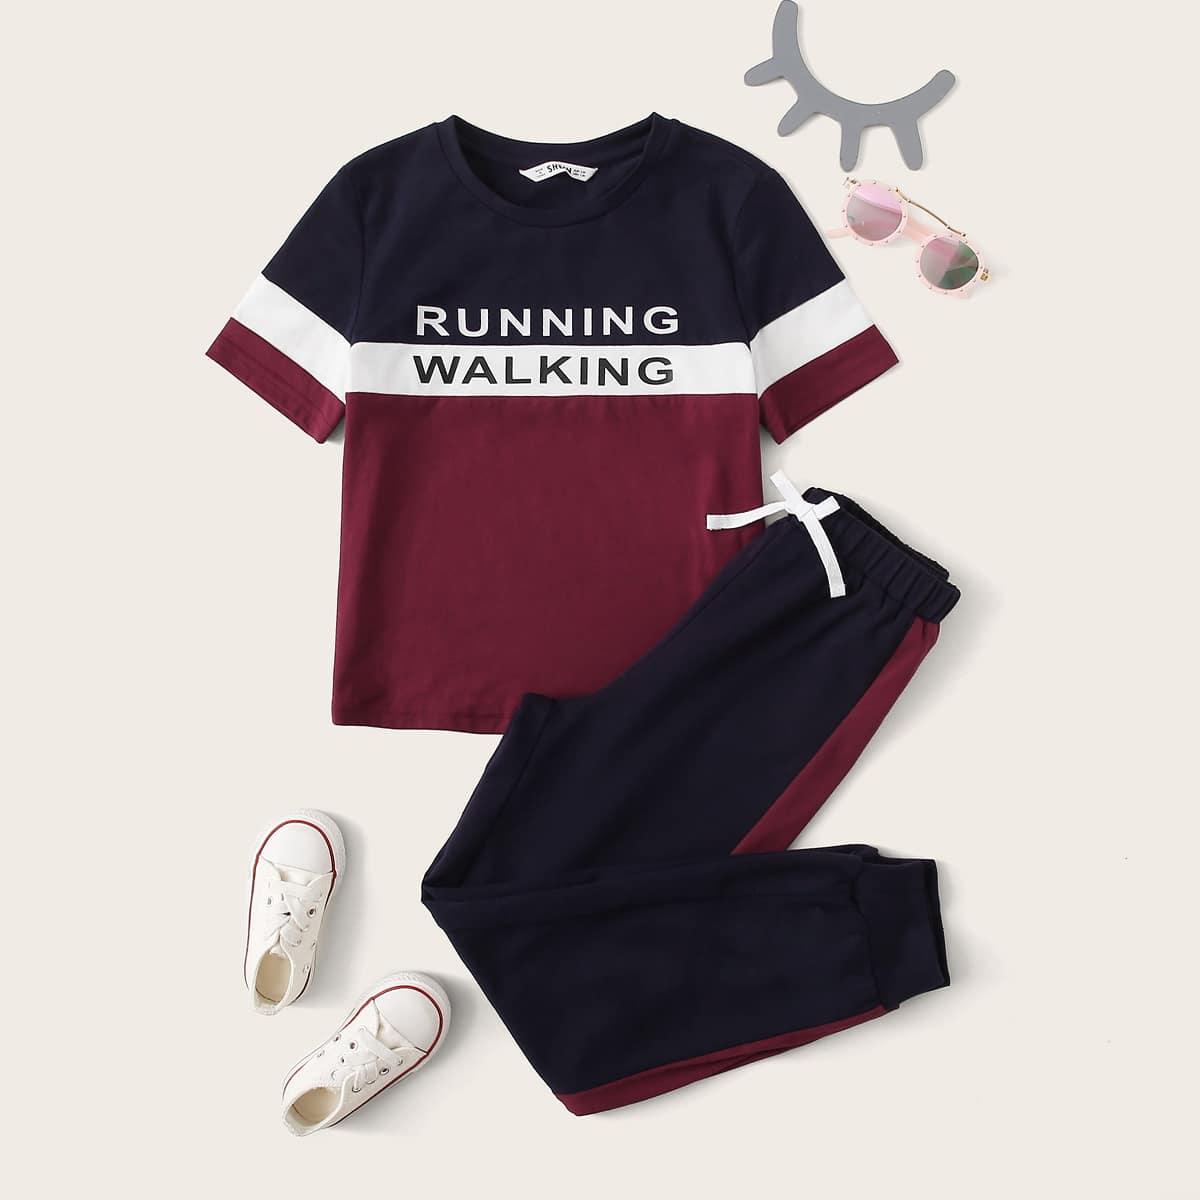 Контрастный топ с текстовым принтом и спортивные брюки для девочек